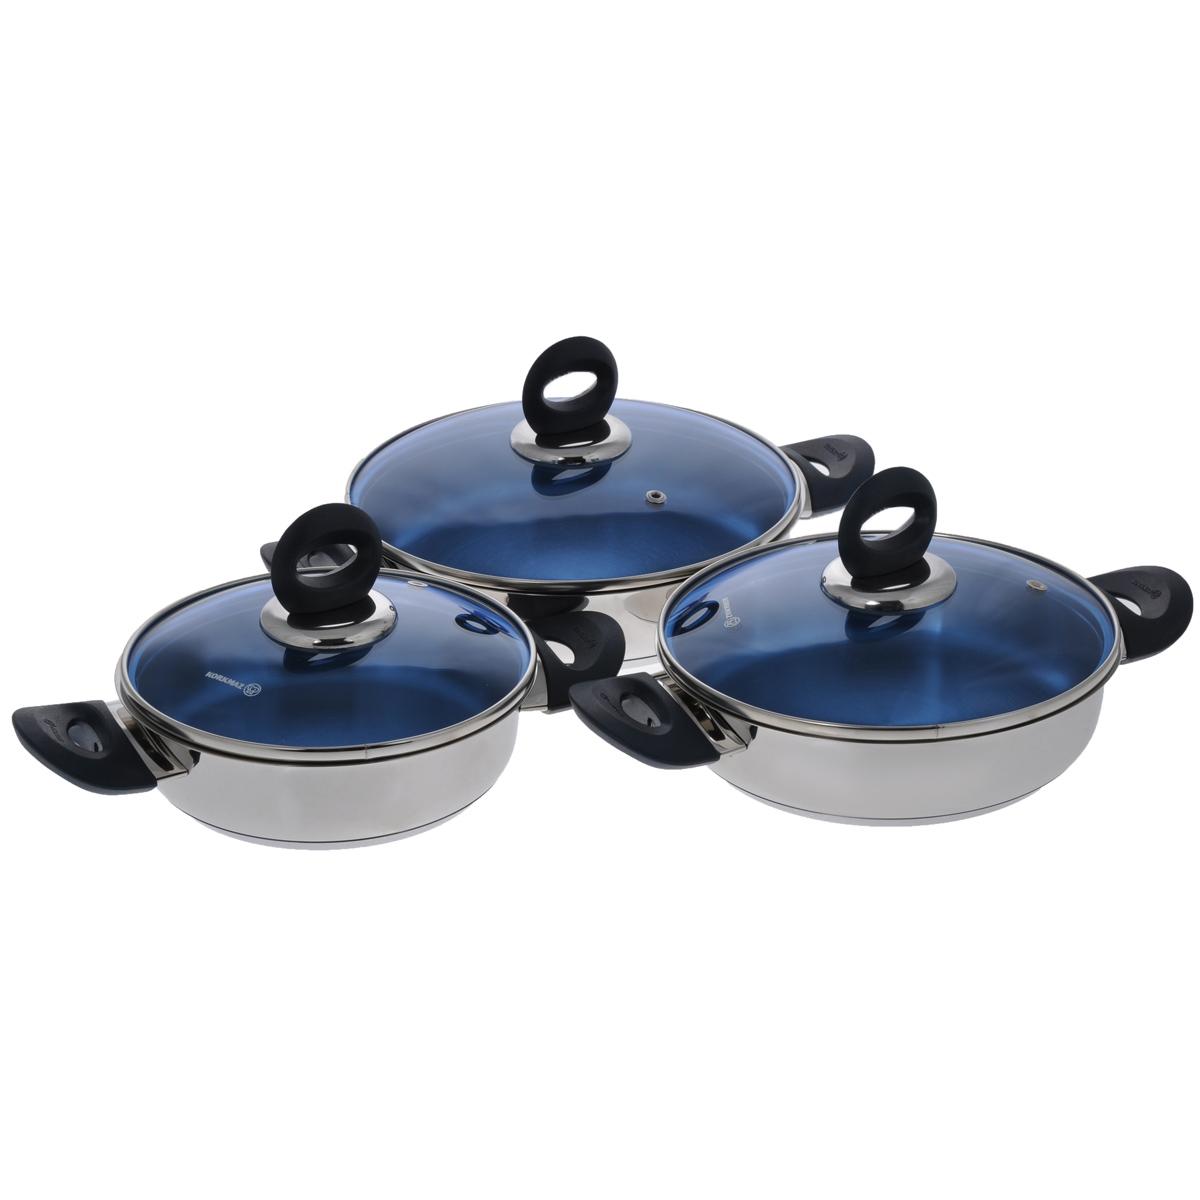 Набор сковород-омлетниц Korkmaz Mavis, 6 предметовFS-80299Набор Korkmaz Mavis включает 3 сковороды-омлетницы с крышками. Изделия выполнены из высокопрочной Cr-Ni нержавеющей стали марки 18/10 с внешней зеркальной полировкой. Инкапсулированное толстое дно обеспечивает наилучшее распределение и сохранение тепла. Поверхность посуды гигиенична, устойчива к появлению царапин, легко чистится. Отполированные до блеска поверхности длительное время сохраняют яркость. Посуда оснащена эргономичными ручками из бакелита. Крышки выполнены из удароустойчивого жаропрочного стекла голубого цвета, с пароотводом и металлическим ободом. Они плотно прилегают к краю посуды, сохраняют аромат блюд и позволяют готовить без потери тепла. Специальная форма посуды идеальна для приготовления омлета. Особая эстетическая округлая форма, яркий современный дизайн, сочные цвета - благодаря всему этому посуда выглядит стильно и оригинально. Посуду можно использовать на всех типах плит, включая индукционные. Подходит для чистки в посудомоечной машине. Объем: 0,9 л, 1,1 л, 1,4 л. Диаметр по верхнему краю: 16 см, 18 см, 20 см. Высота стенки: 4,5 см. Ширина сковород (с учетом ручек): 26 см, 28,5 см, 30,5 см. Диаметр дна: 13,5 см, 15,5 см, 17,5 см. Толщина стенки: 2 мм. Толщина дна: 4 мм.